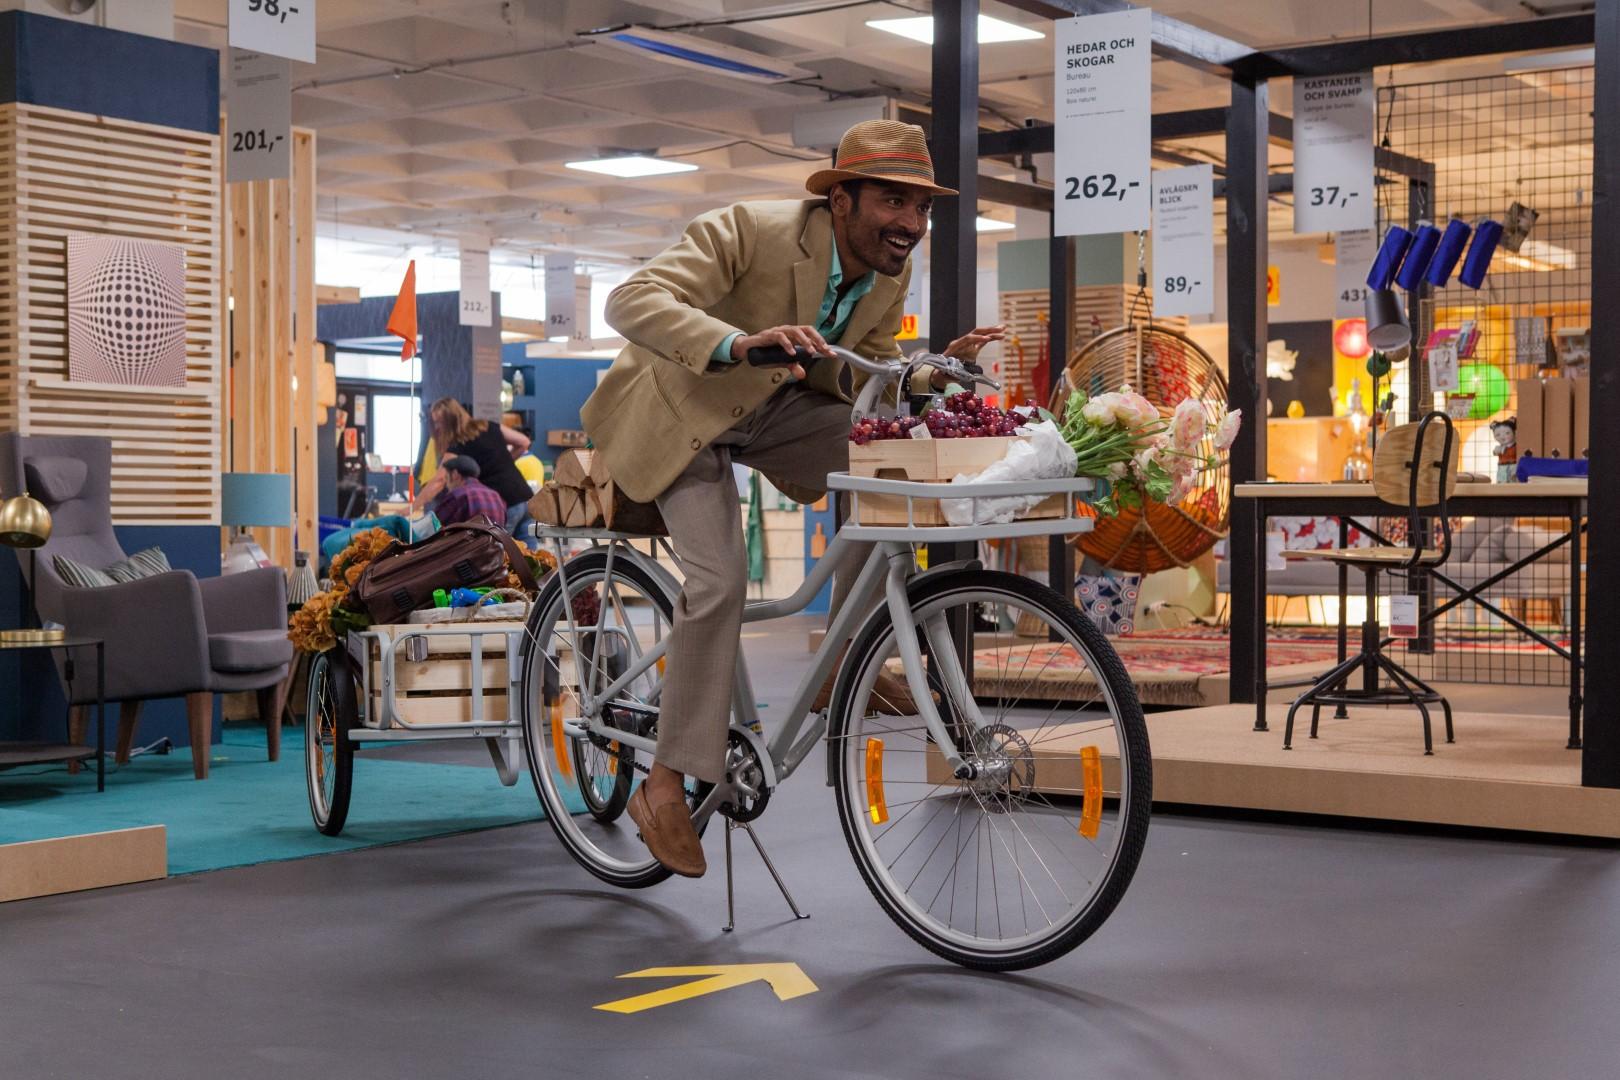 'De la India a París en un armario de Ikea' se presentará en el Festival Internacional de Cine de Barcelona-Sant Jordi (BCN FILM FEST)